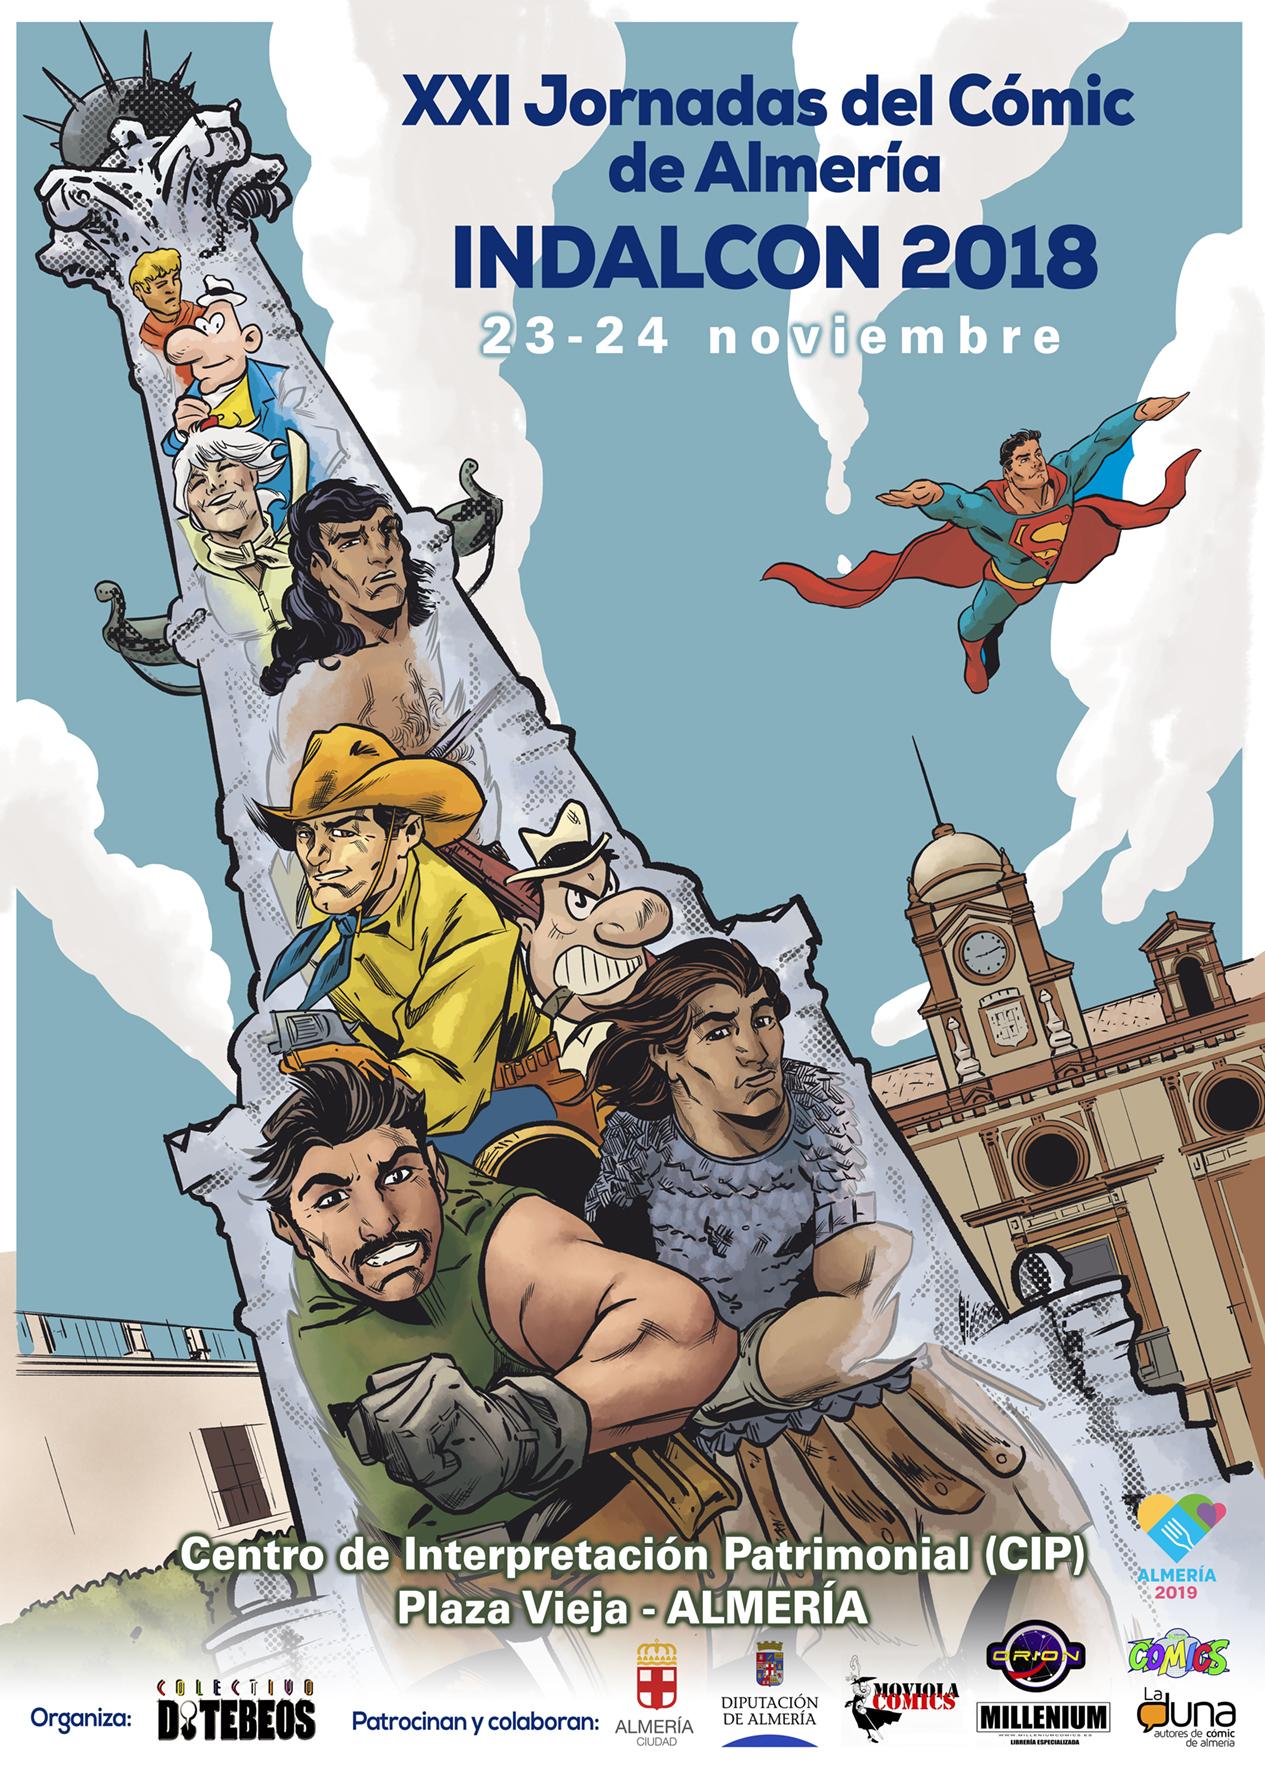 Cartel Indalcon XXI - Jornadas del Cómic